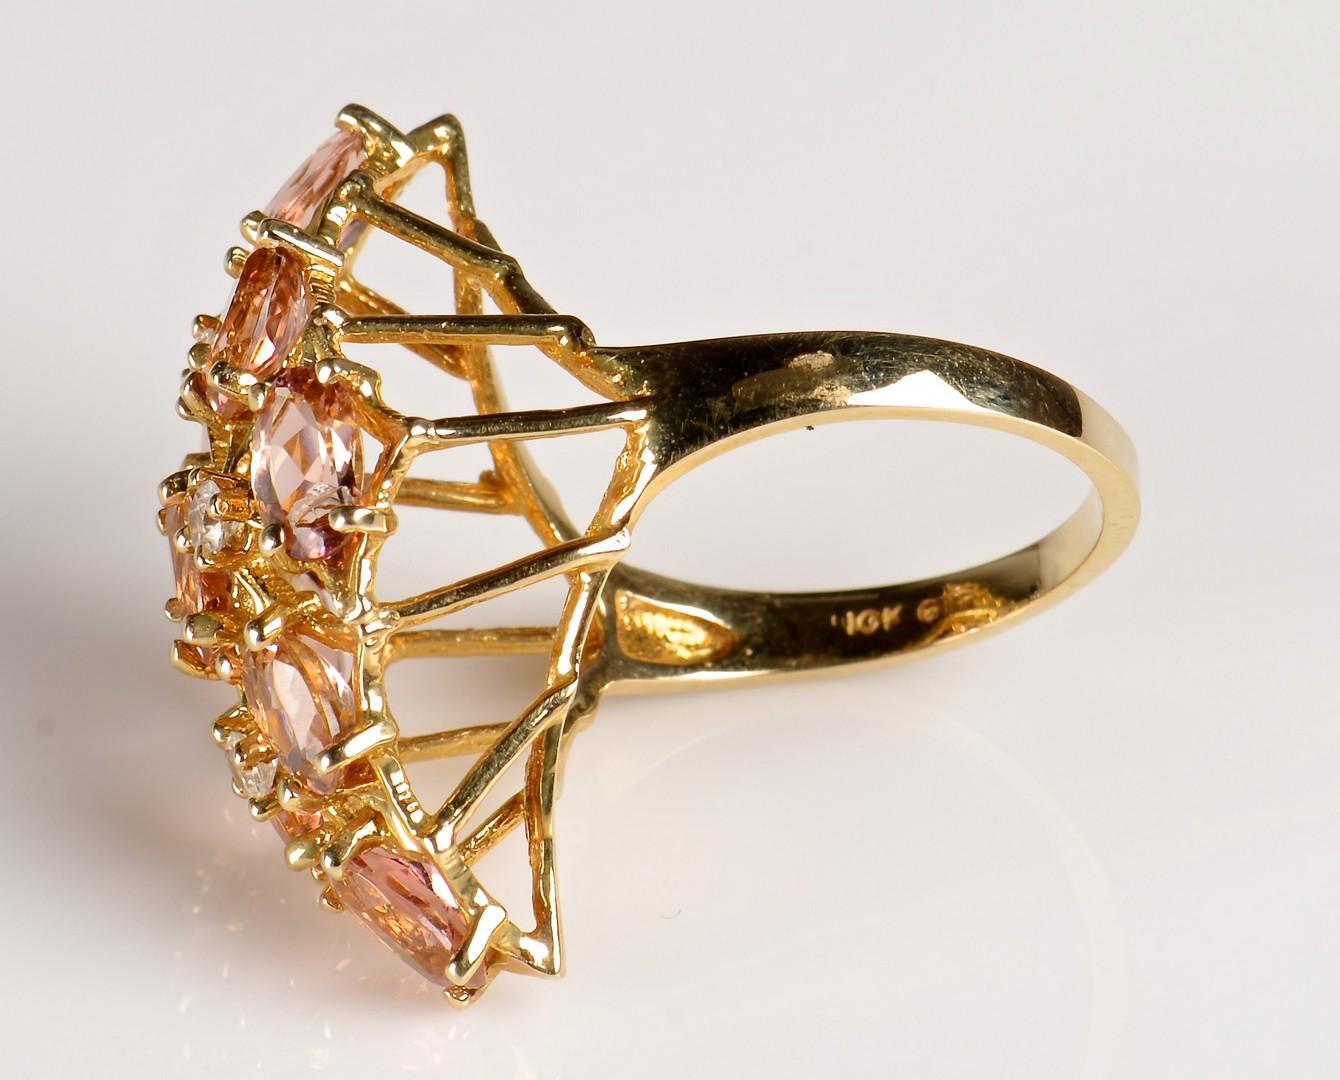 Lot 951: 4 14K Yellow Gold Ladies Rings; 1 10K